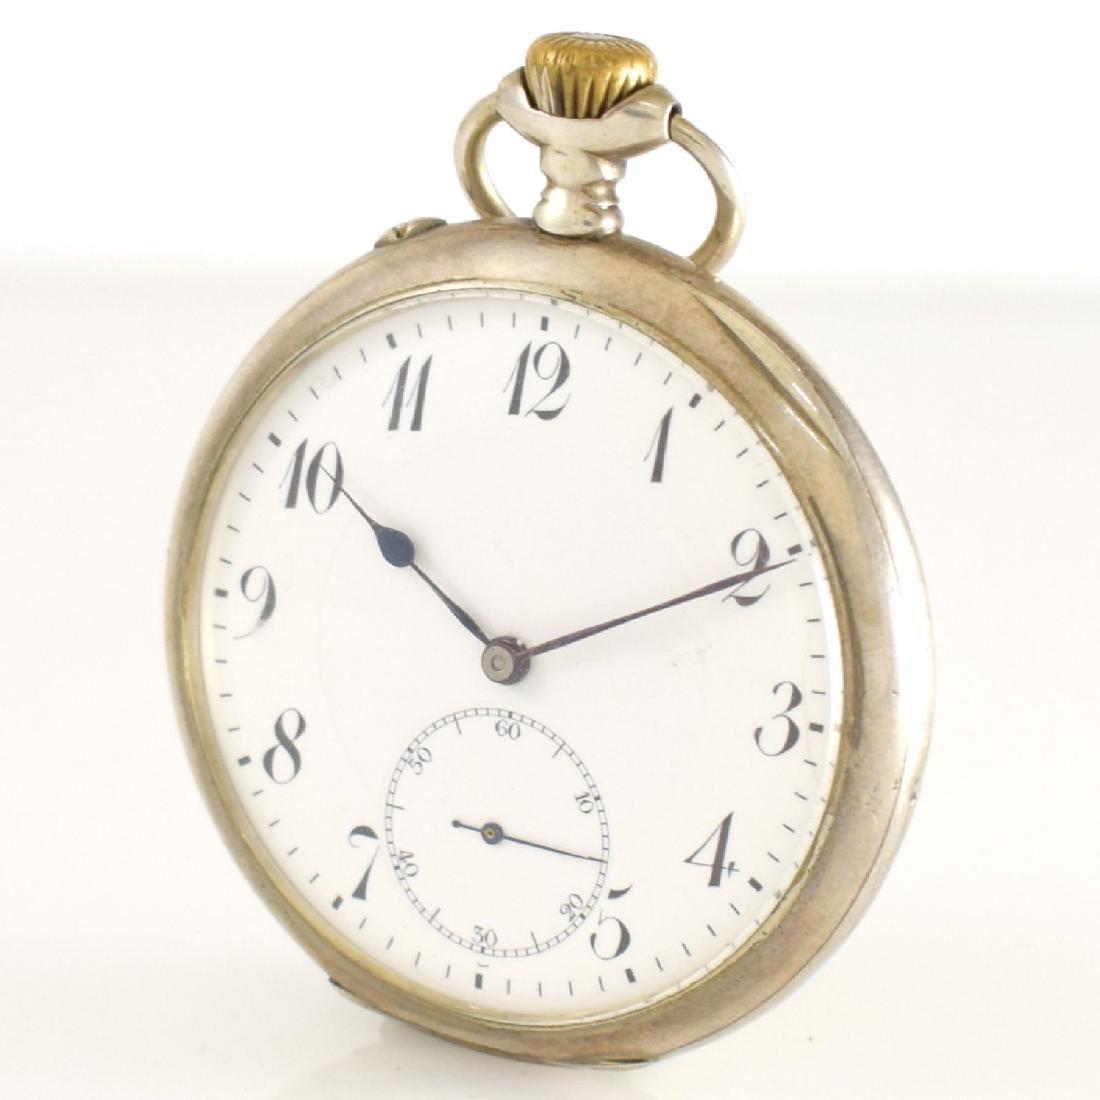 IWC open face pocket watch in silver - 3